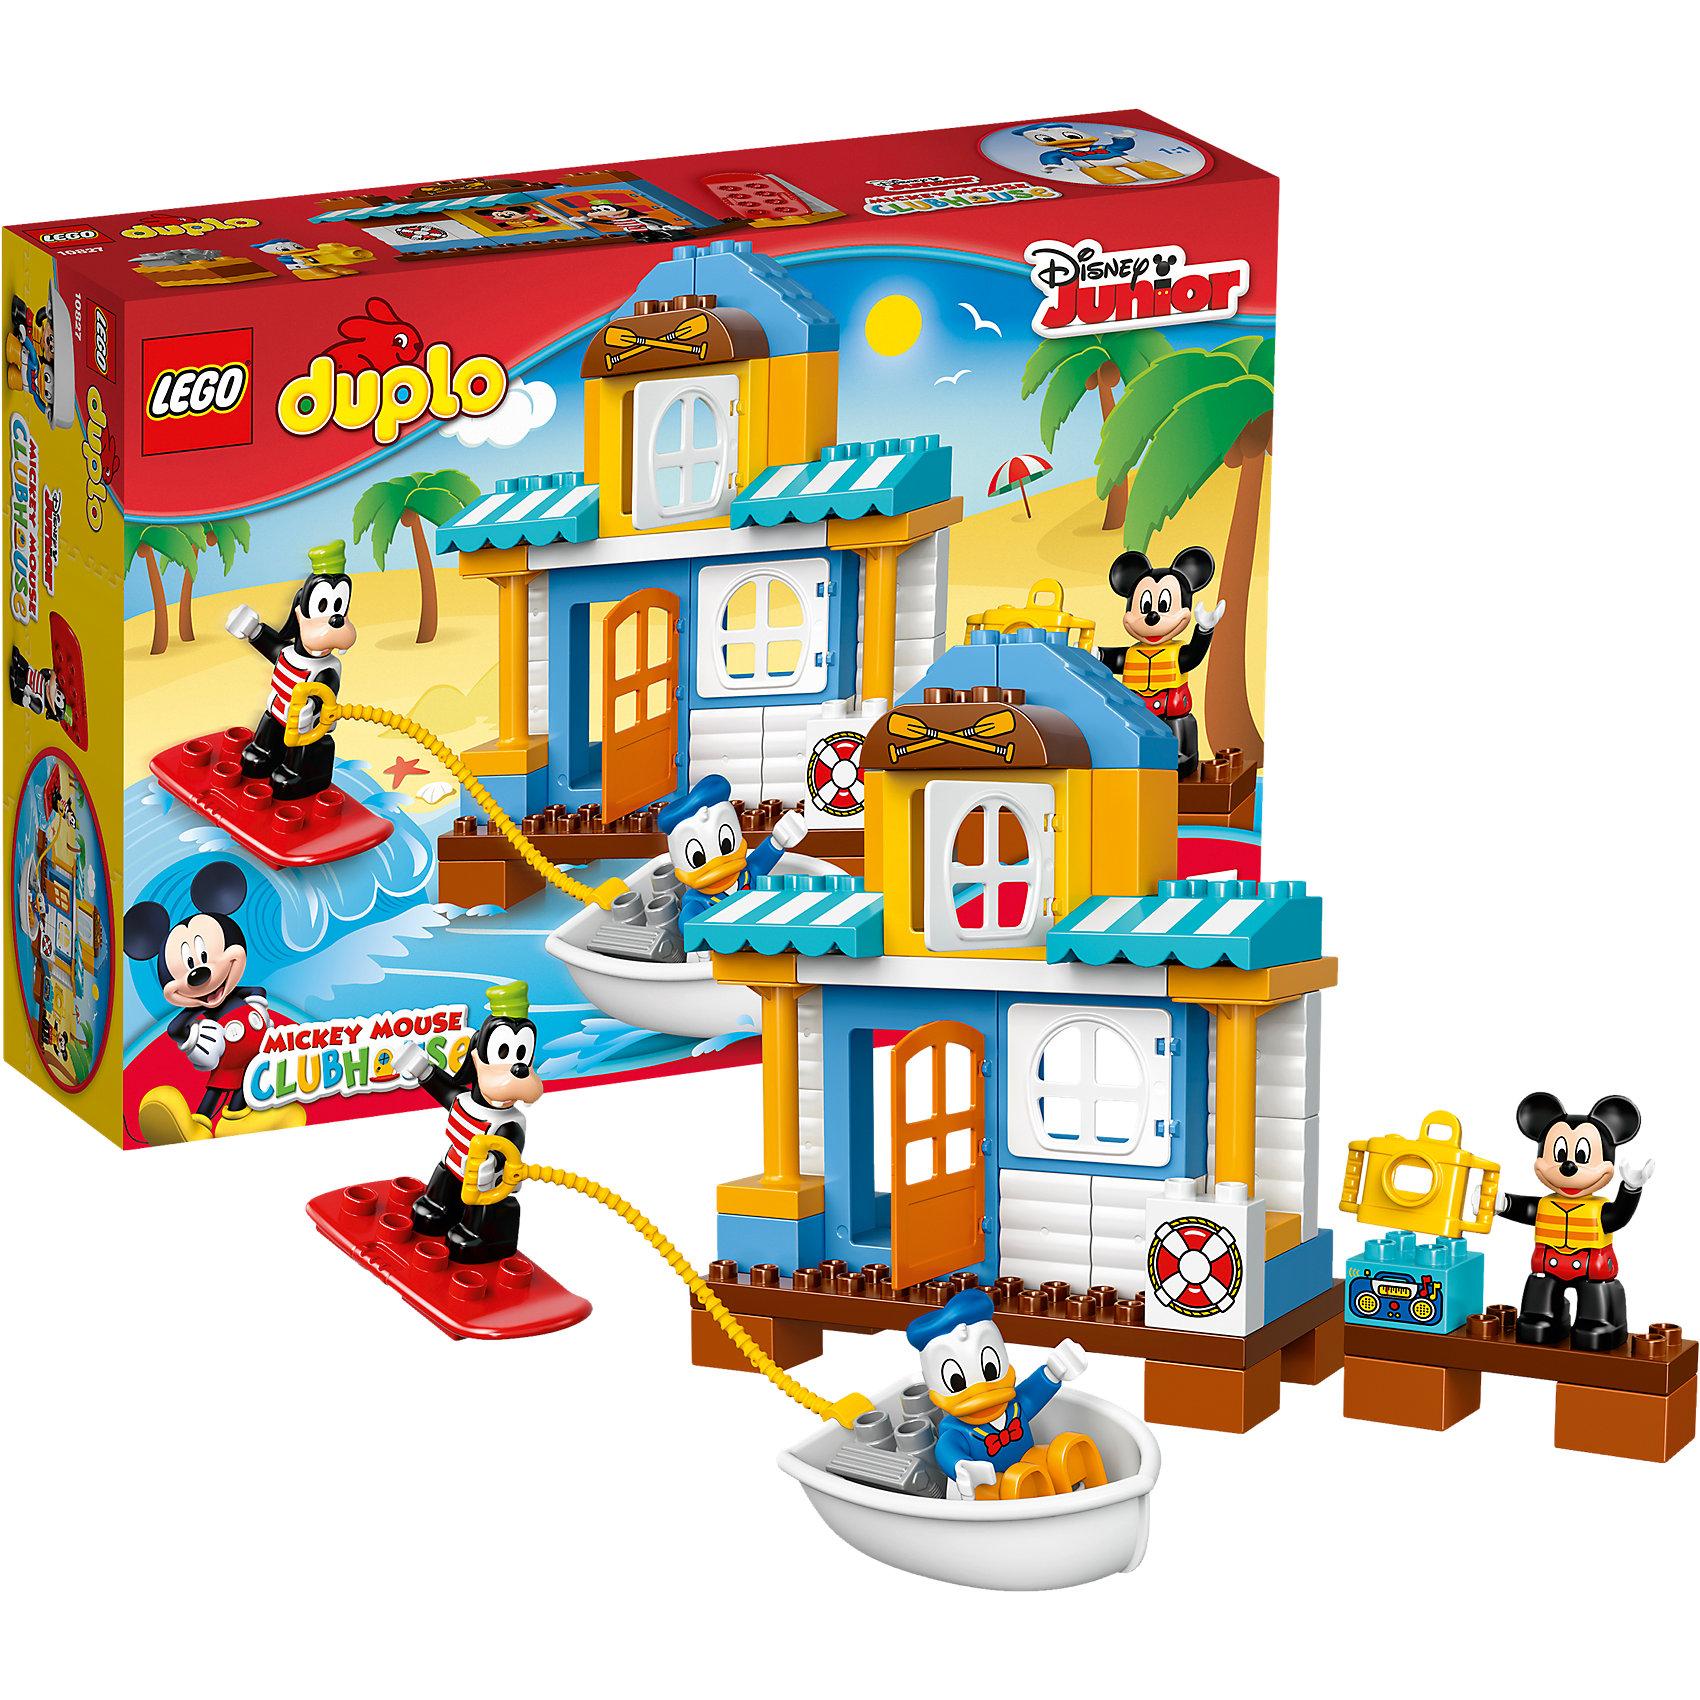 LEGO DUPLO 10827: Домик на пляжеКонструкторы для малышей<br>Героев из мультфильмов Диснея обожает множество современных детей, поэтому набор Лего, из которого можно собрать домик на пляже, обязательно обрадует ребенка. Такие игрушки помогают детям развивать воображение, мелкую моторику, логику и творческое мышление.<br>Набор состоит из деталей, с помощью которых можно сделать домик, а также в нем есть фигурки любимых персонажей! С таким комплектом можно придумать множество игр!<br><br>Дополнительная информация:<br><br>цвет: разноцветный;<br>размер коробки: 38,2 х 9,4 х 26,2 см;<br>вес: 780 г;<br>материал: пластик;<br>количество деталей: 48.<br><br>Набор Домик на пляже  от бренда LEGO DUPLO можно купить в нашем магазине.<br><br>Ширина мм: 385<br>Глубина мм: 261<br>Высота мм: 101<br>Вес г: 770<br>Возраст от месяцев: 24<br>Возраст до месяцев: 60<br>Пол: Унисекс<br>Возраст: Детский<br>SKU: 4641193